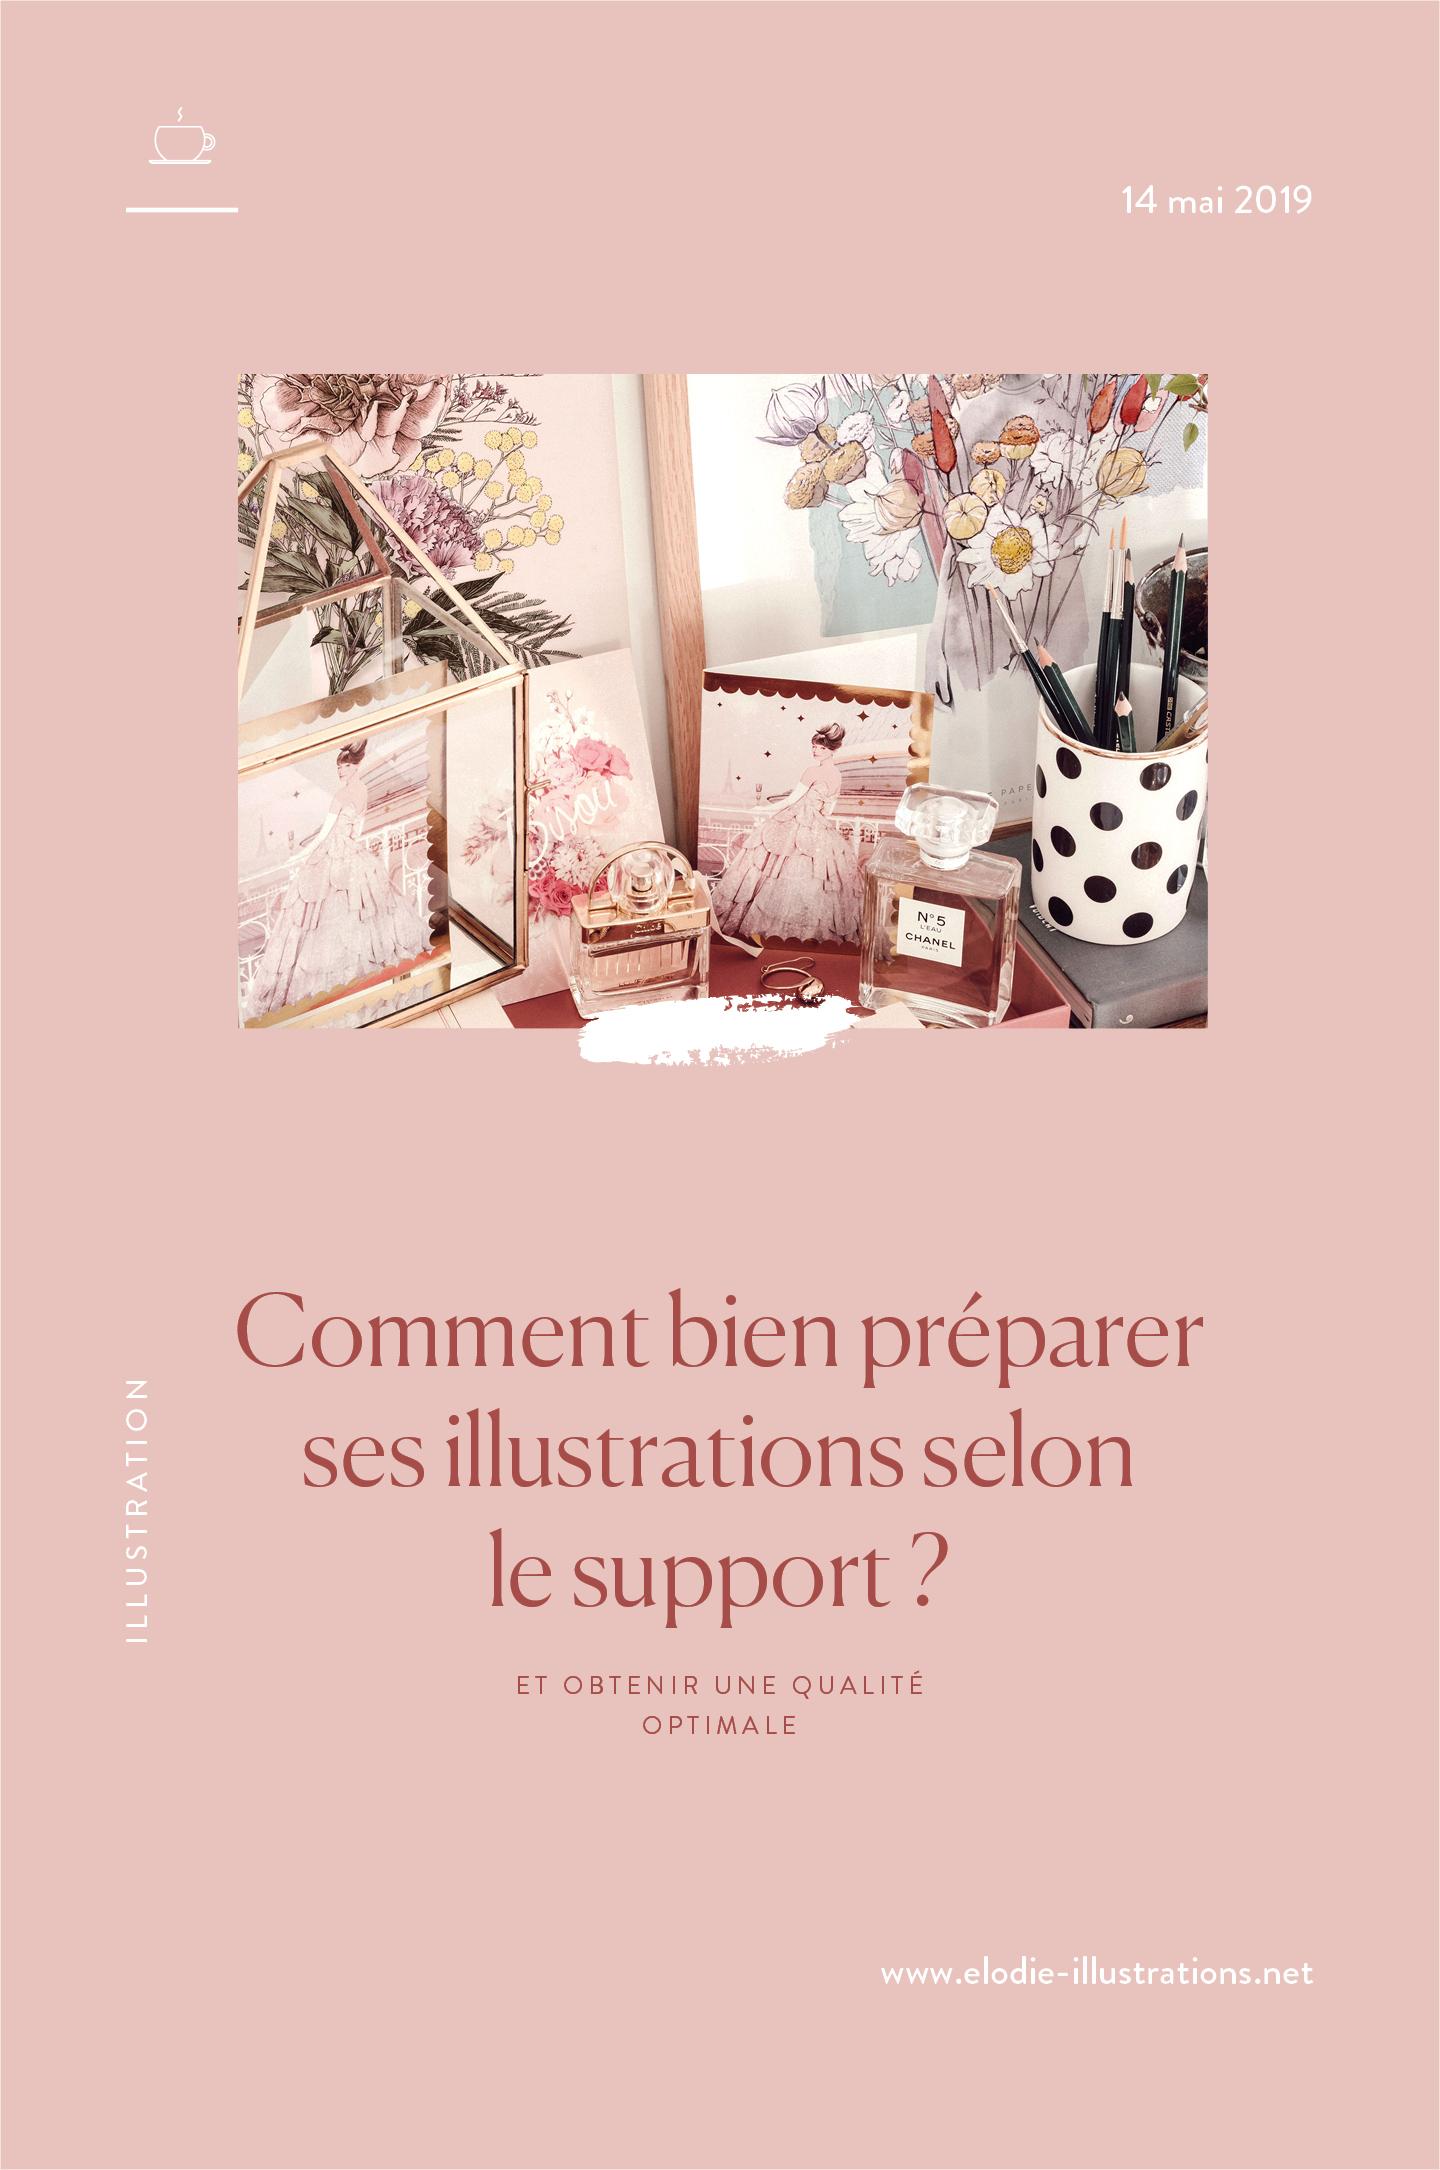 Comment bien préparer ses fichiers d'illustration pour obtenir une qualité optimale quelque soit le support | Cliquez pour découvrir l'article